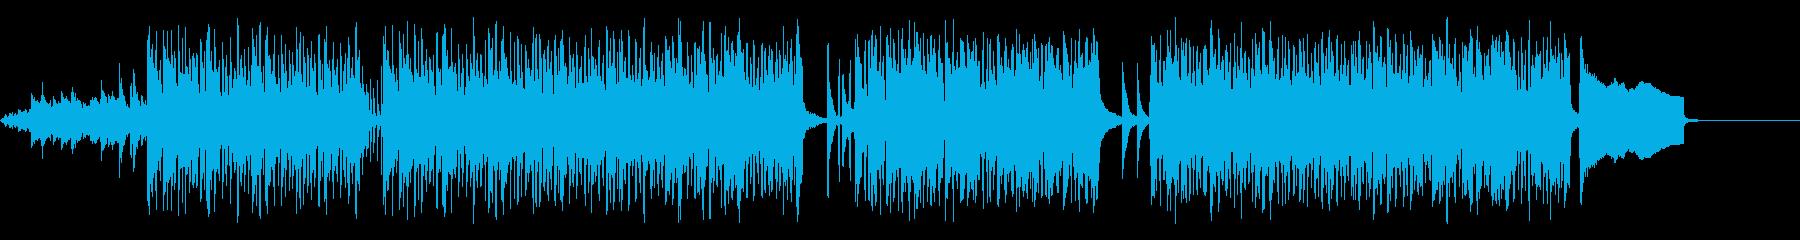 爽やか 明るい オーガニックな曲の再生済みの波形